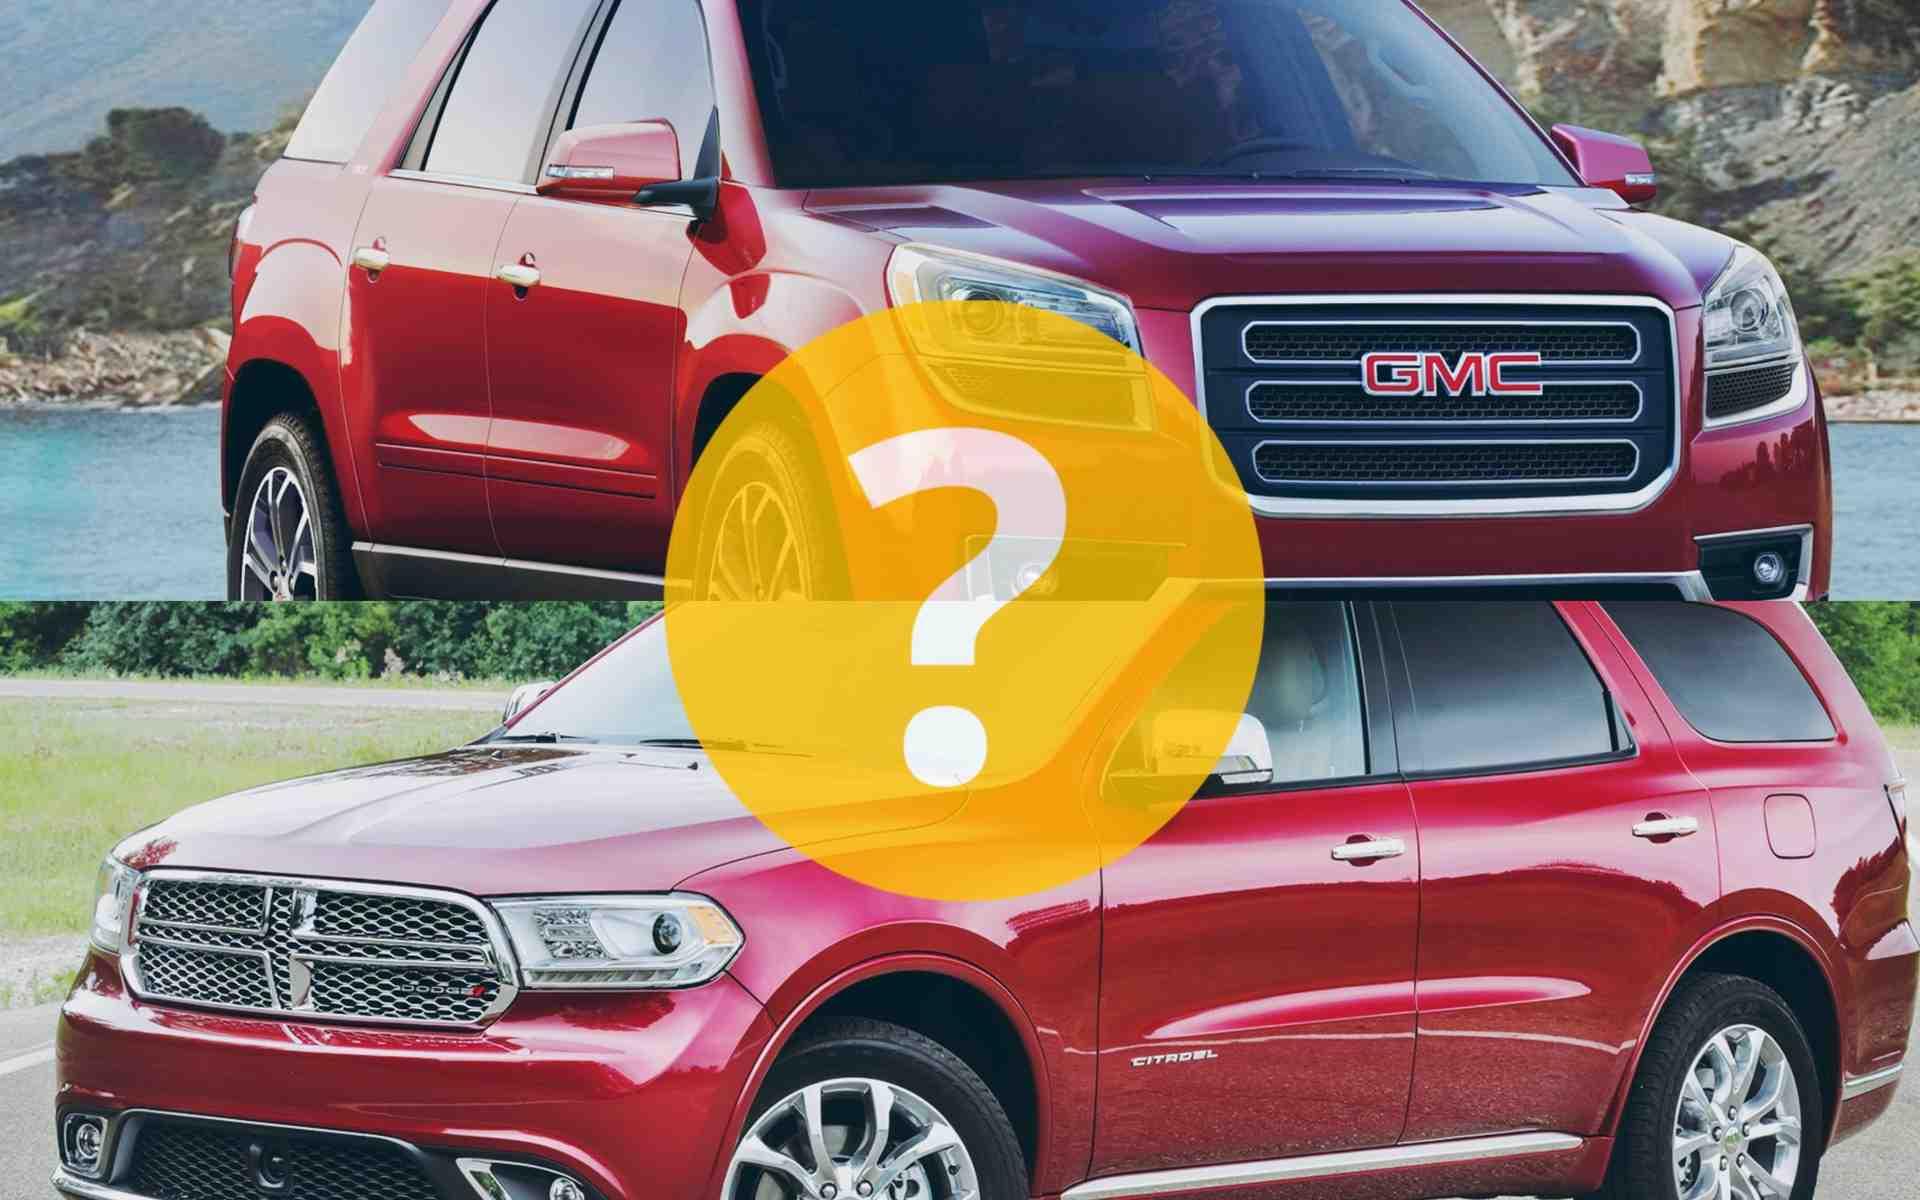 Quelle voiture 7 places en 2020?